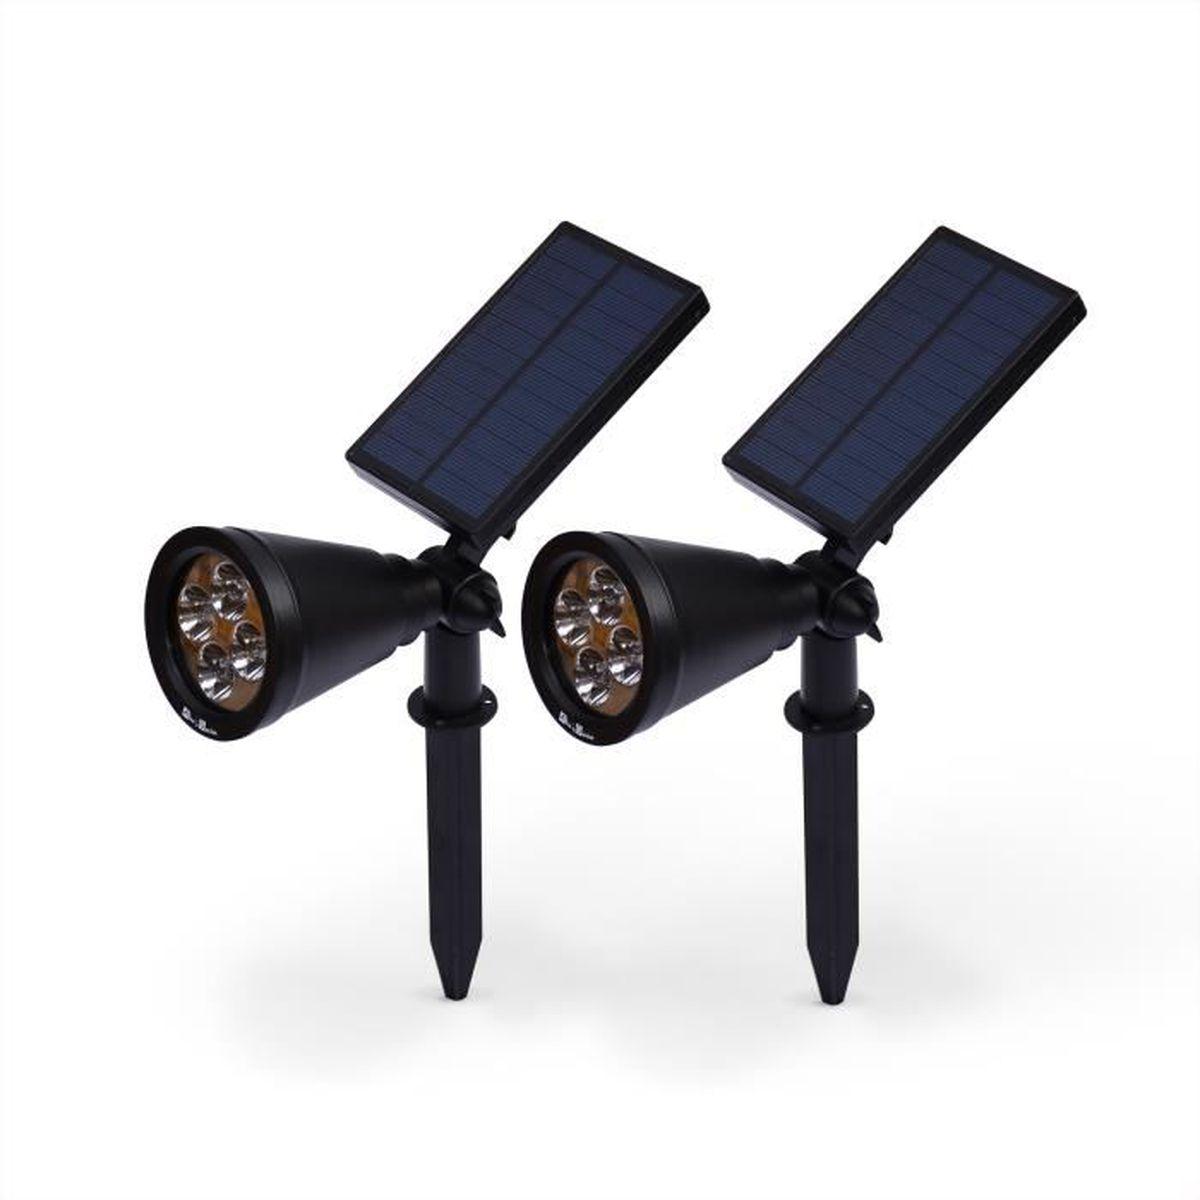 spot led solaire exterieur achat vente spot led solaire exterieur pas cher cdiscount. Black Bedroom Furniture Sets. Home Design Ideas